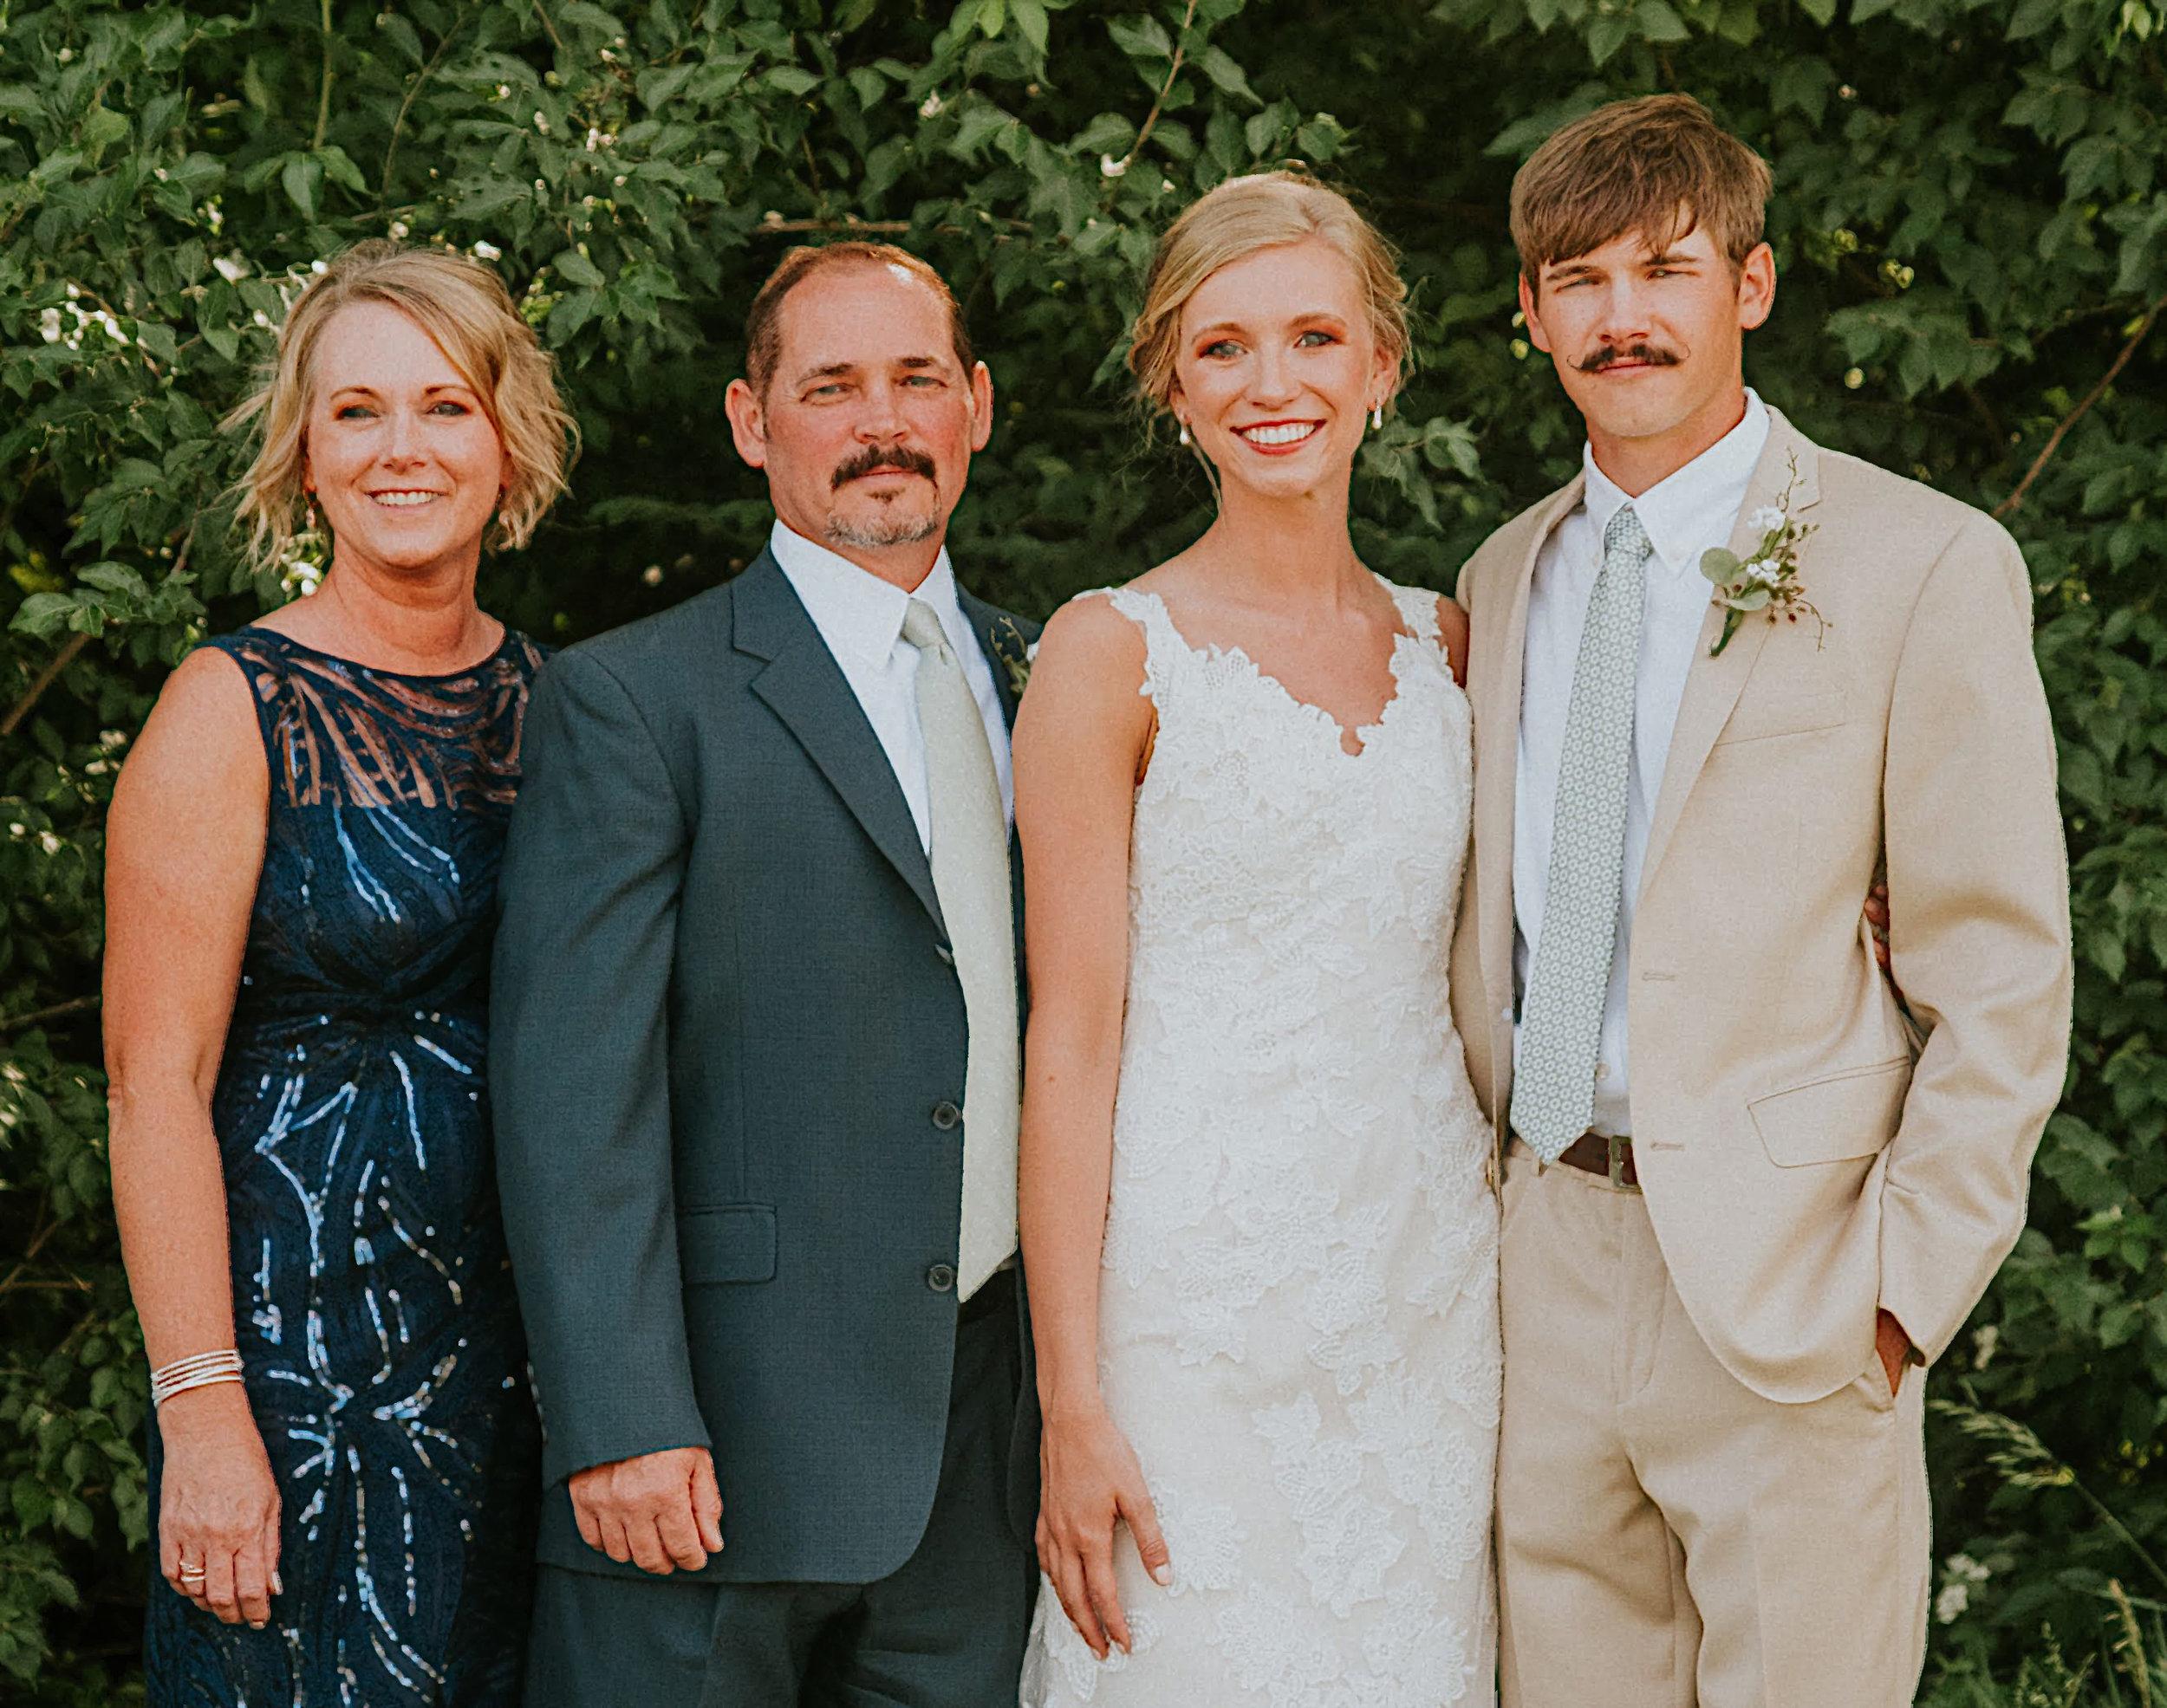 Shultz Family Pic.jpg